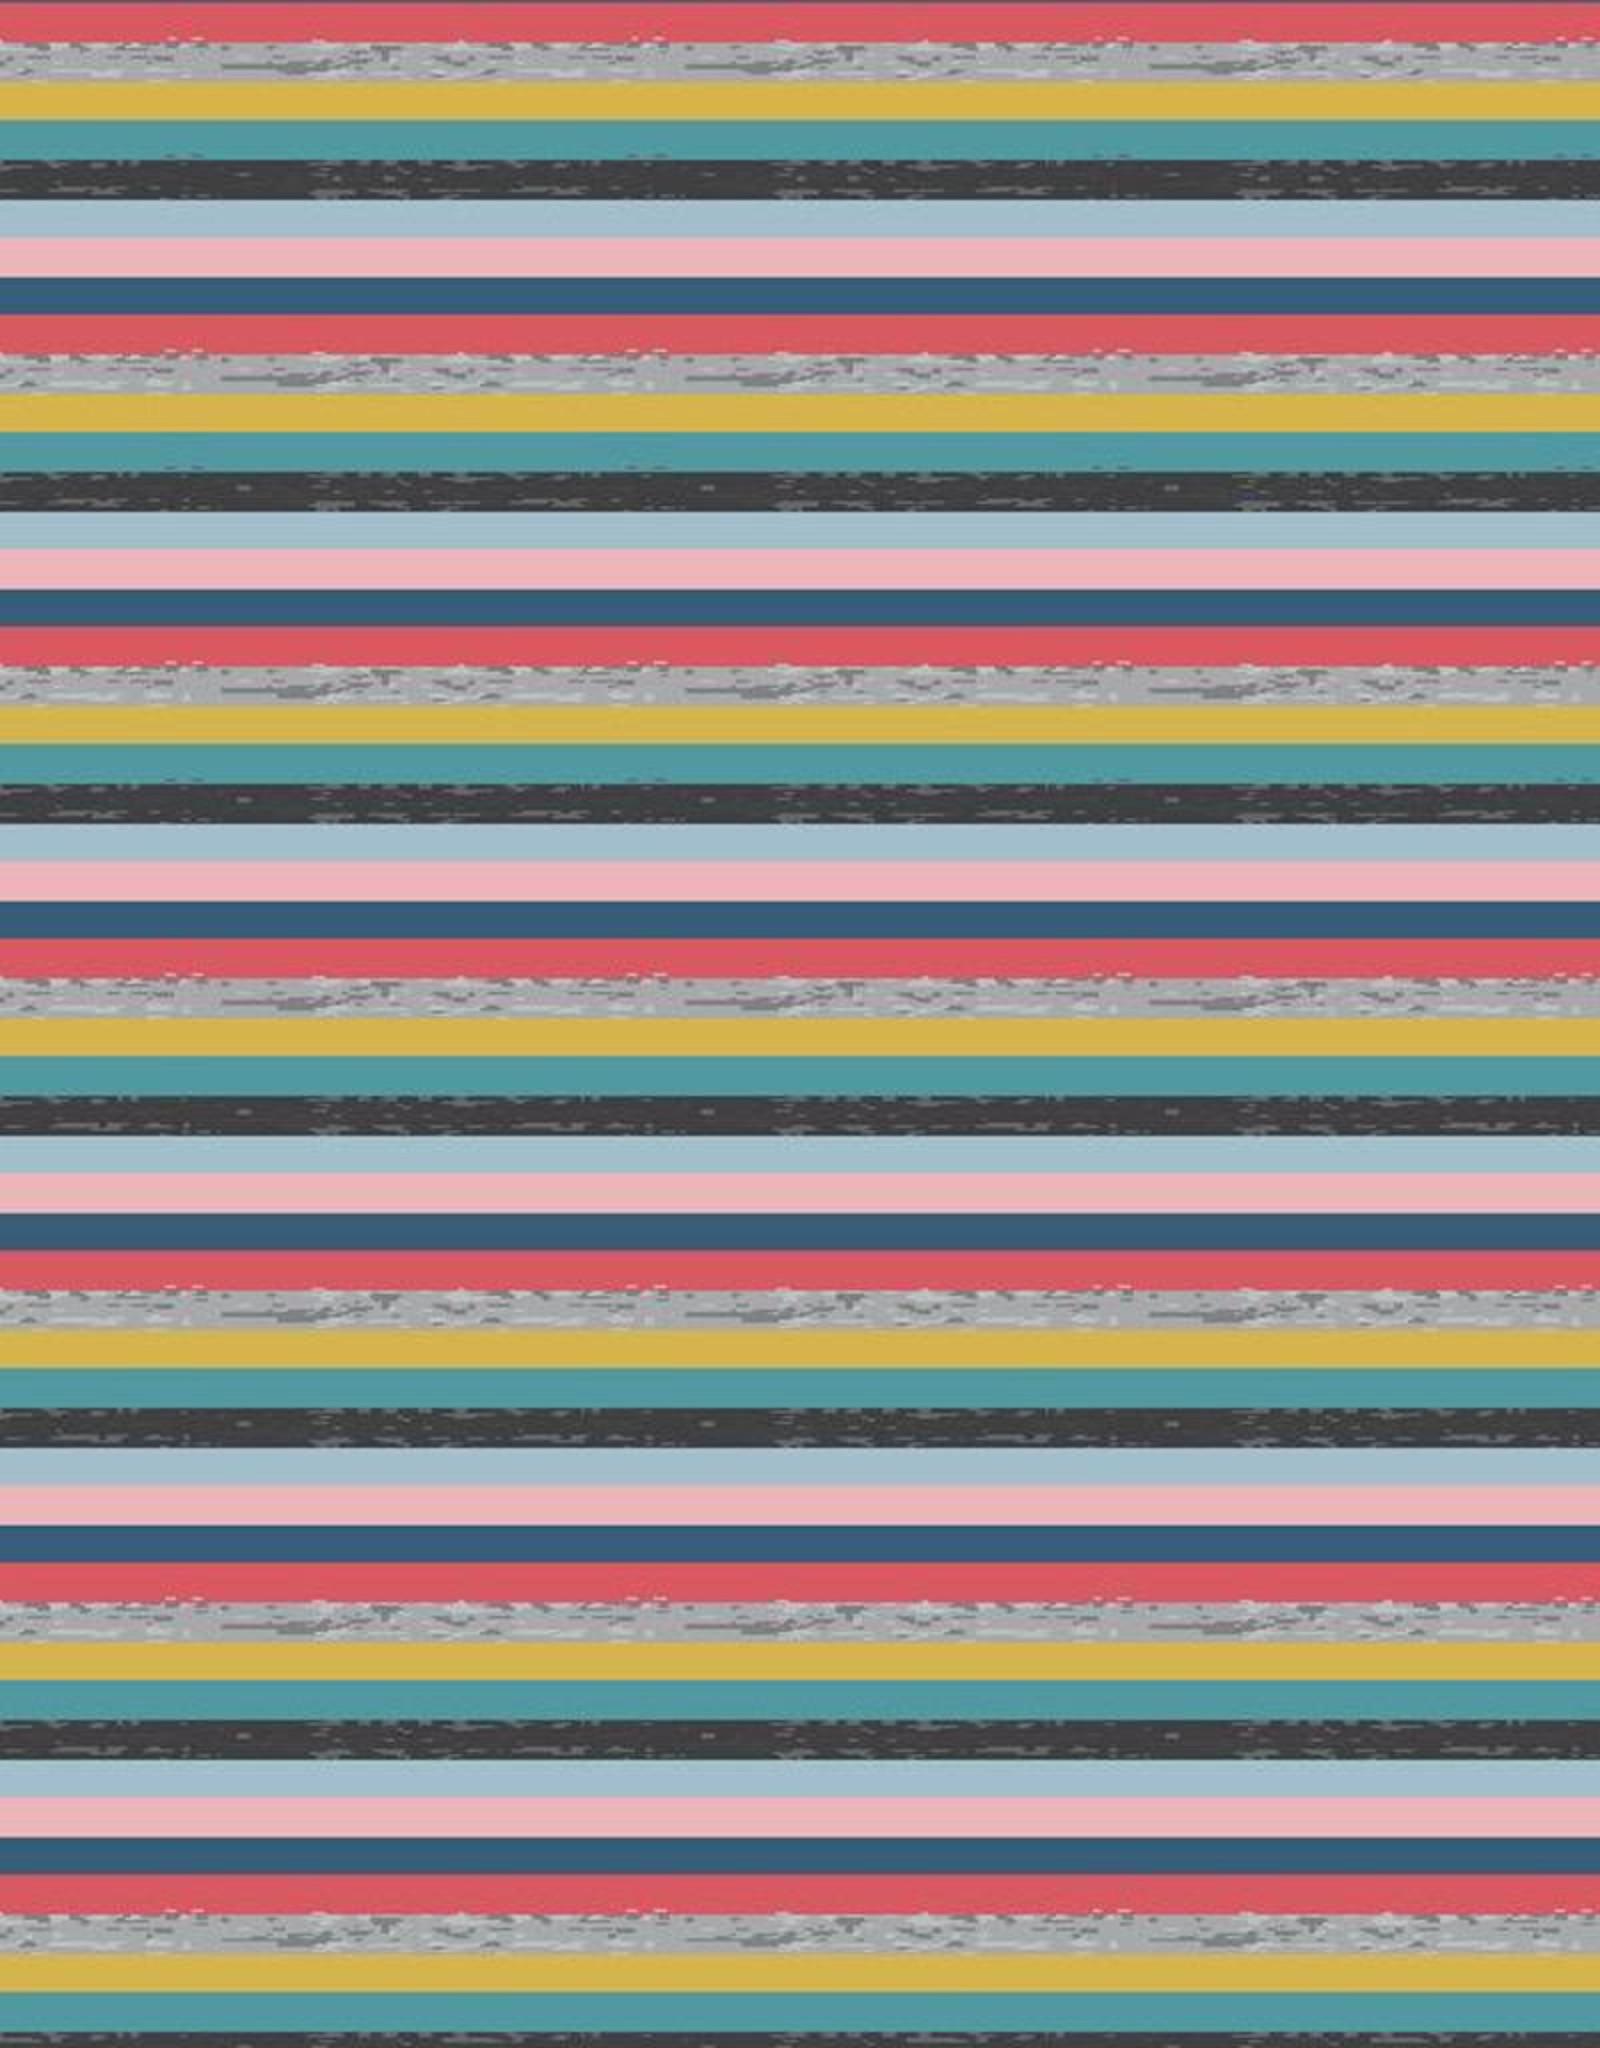 Poppy *Tricot katoen Yarn dyed stripes roze groen blauw